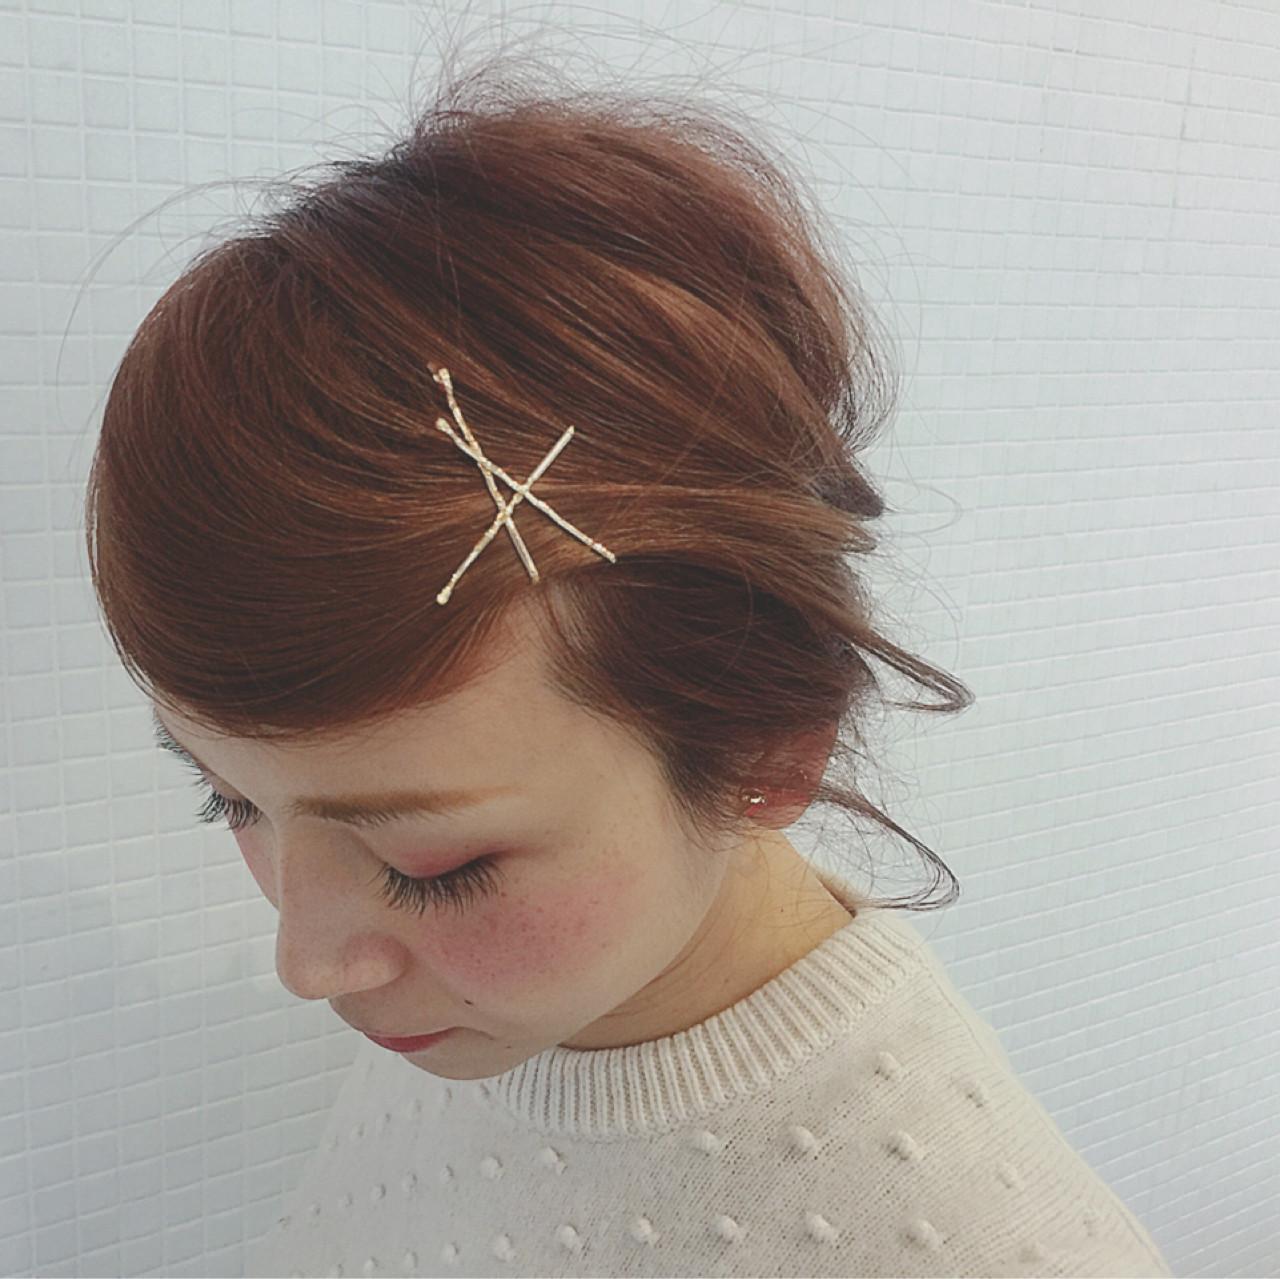 ピンを使って伸ばしかけ前髪を簡単にアレンジ takashi cawamura